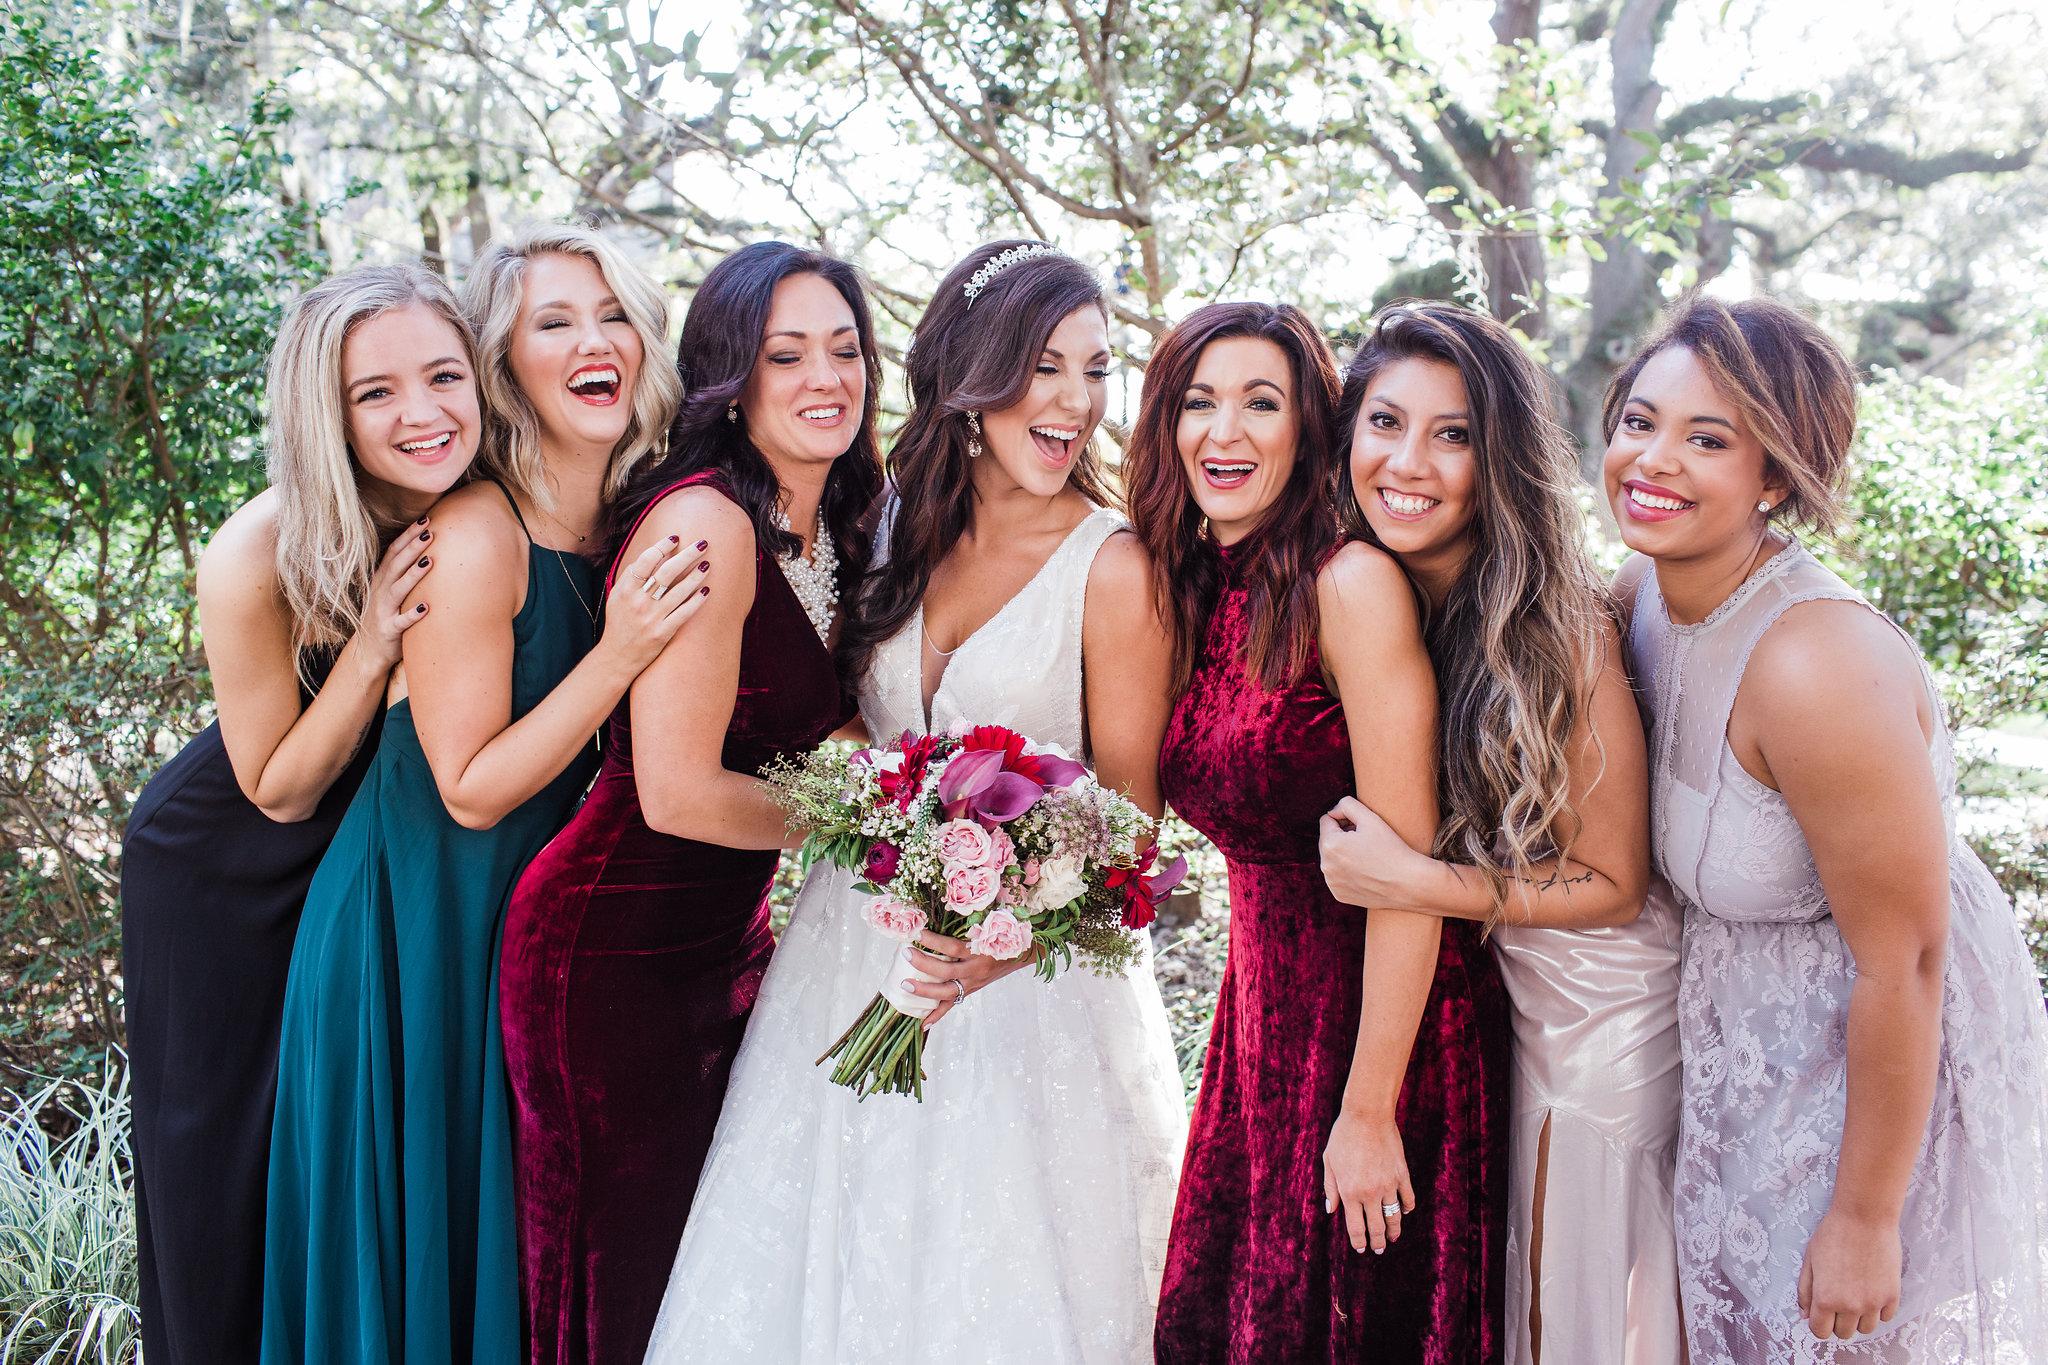 apt-b-photography-lindsey-shawn-Savannah-wedding-photographer-savannah-elopement-photographer-historic-savannah-elopement-savannah-weddings-hilton-head-wedding-photographer-jekyll-island-wedding-photographer-10.jpg